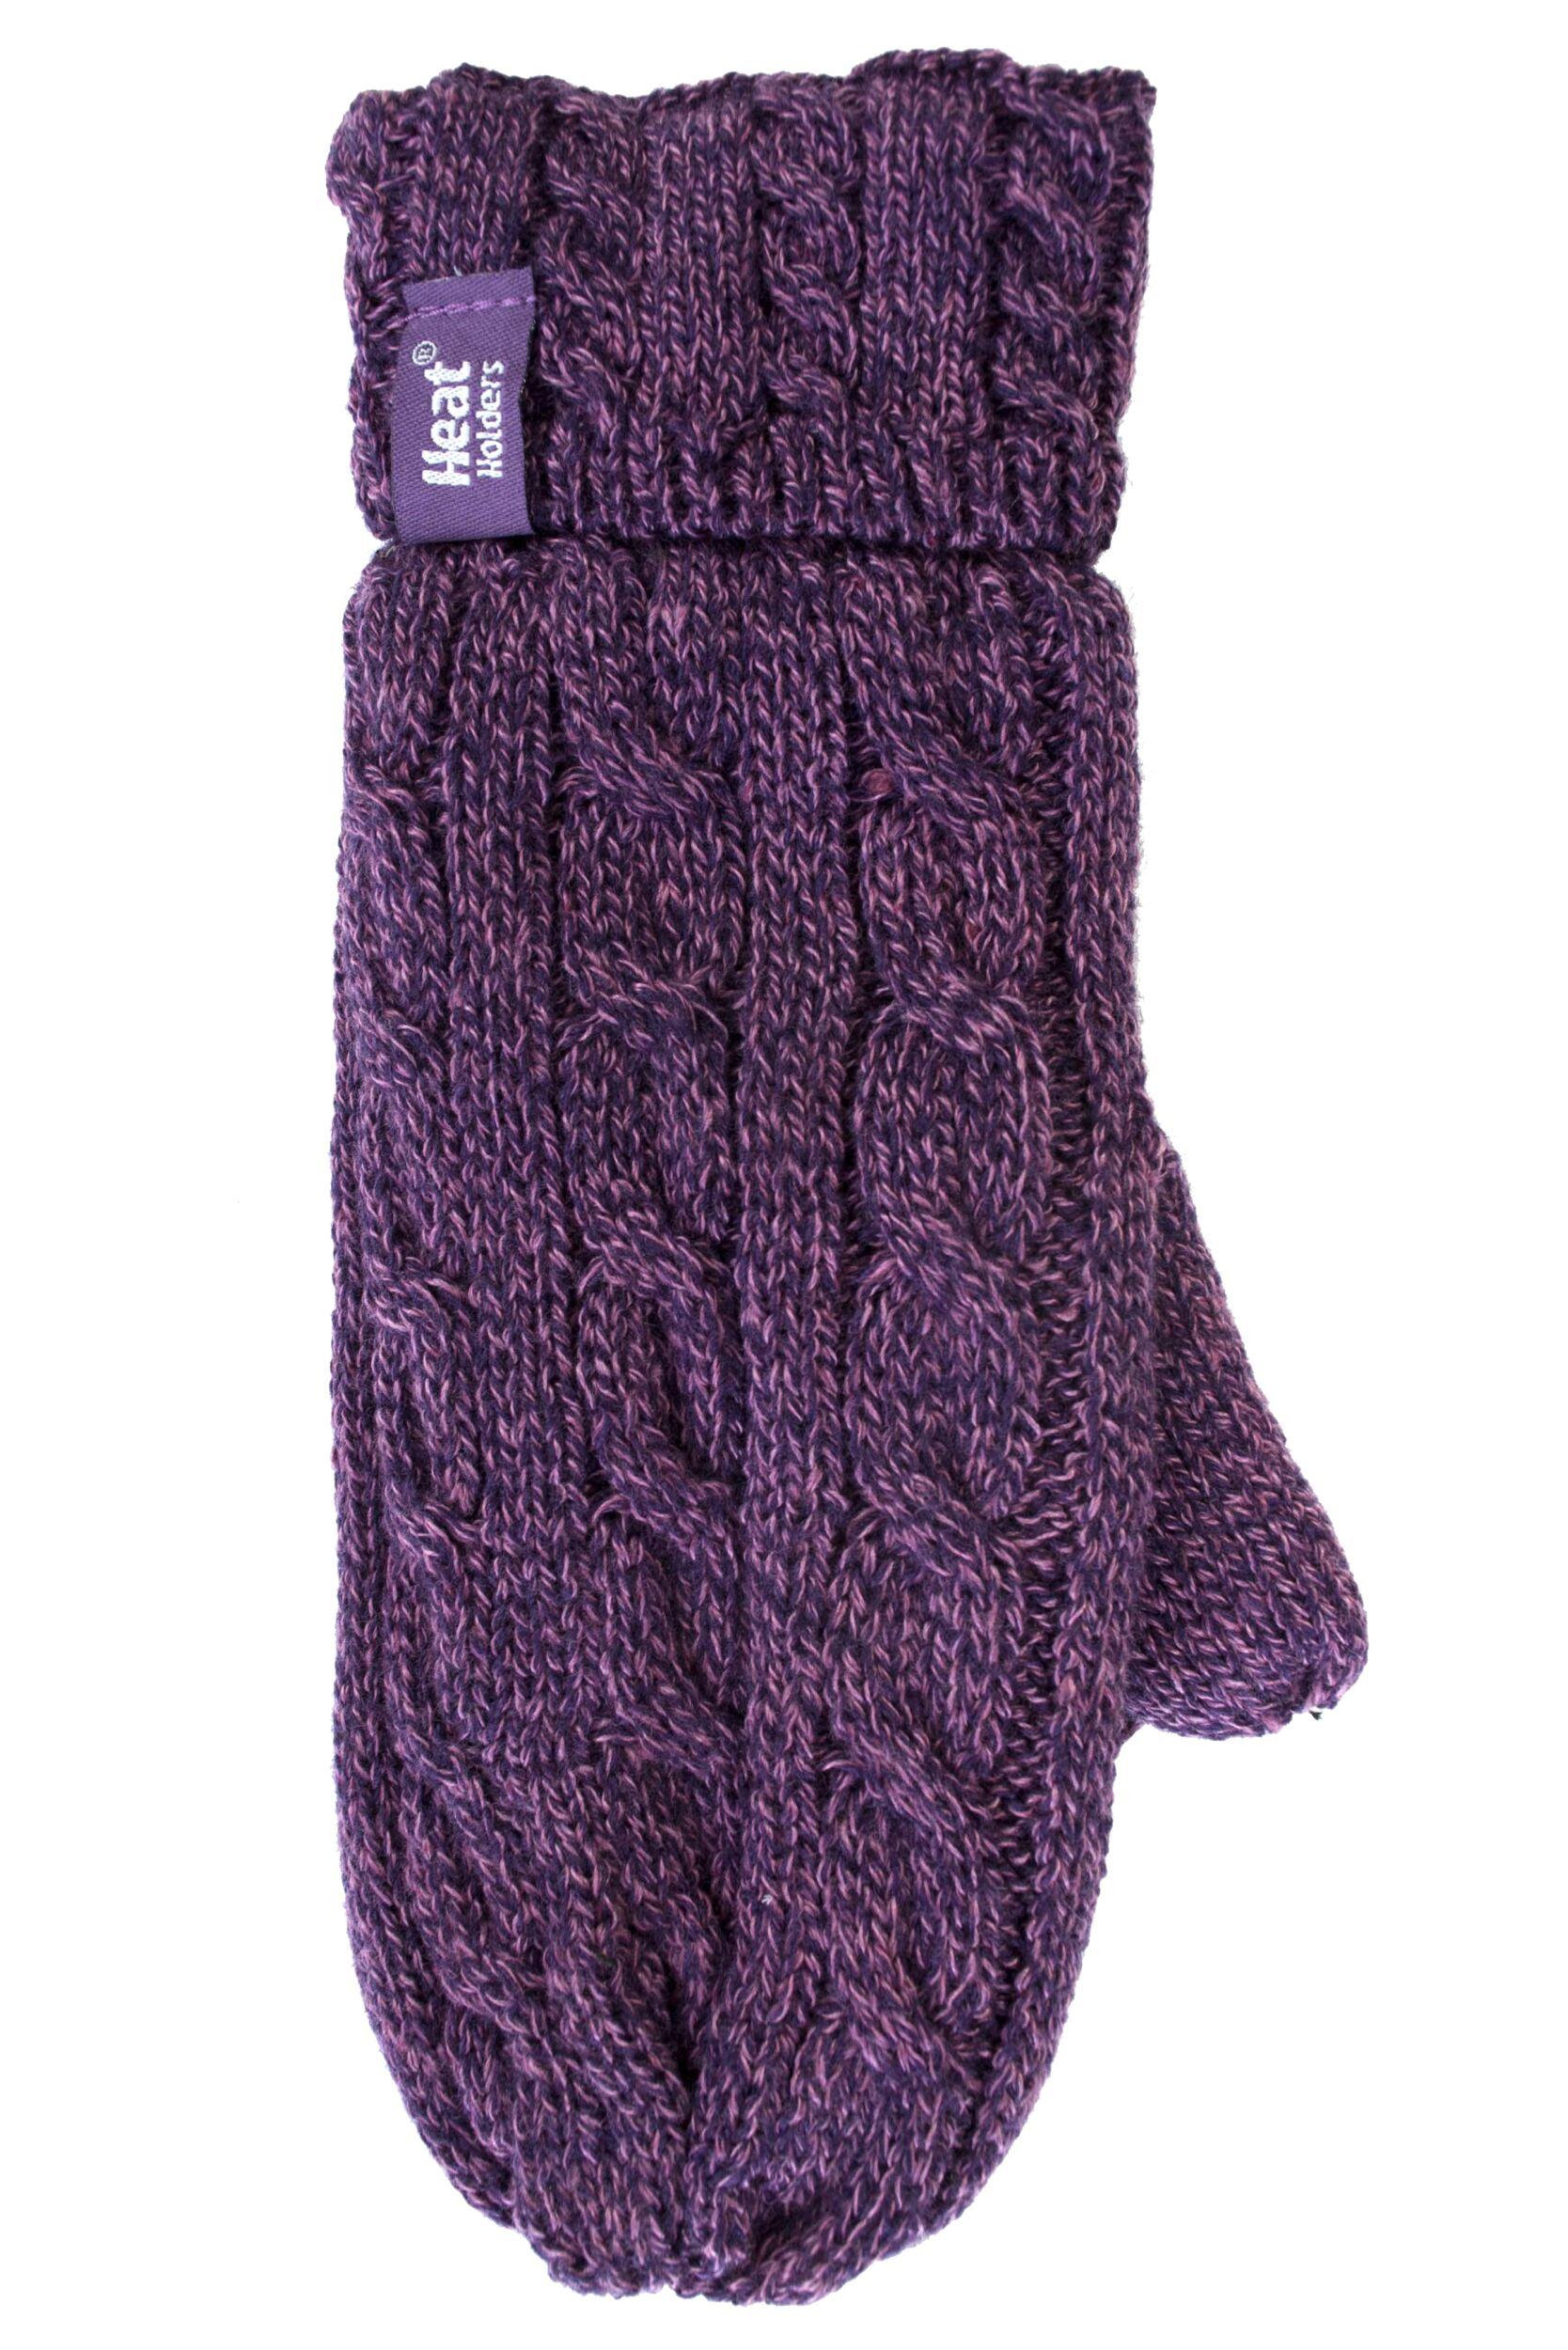 Ladies 1 Pair Heat Holders 2.5 Tog Heatweaver Yarn Mittens In Purple